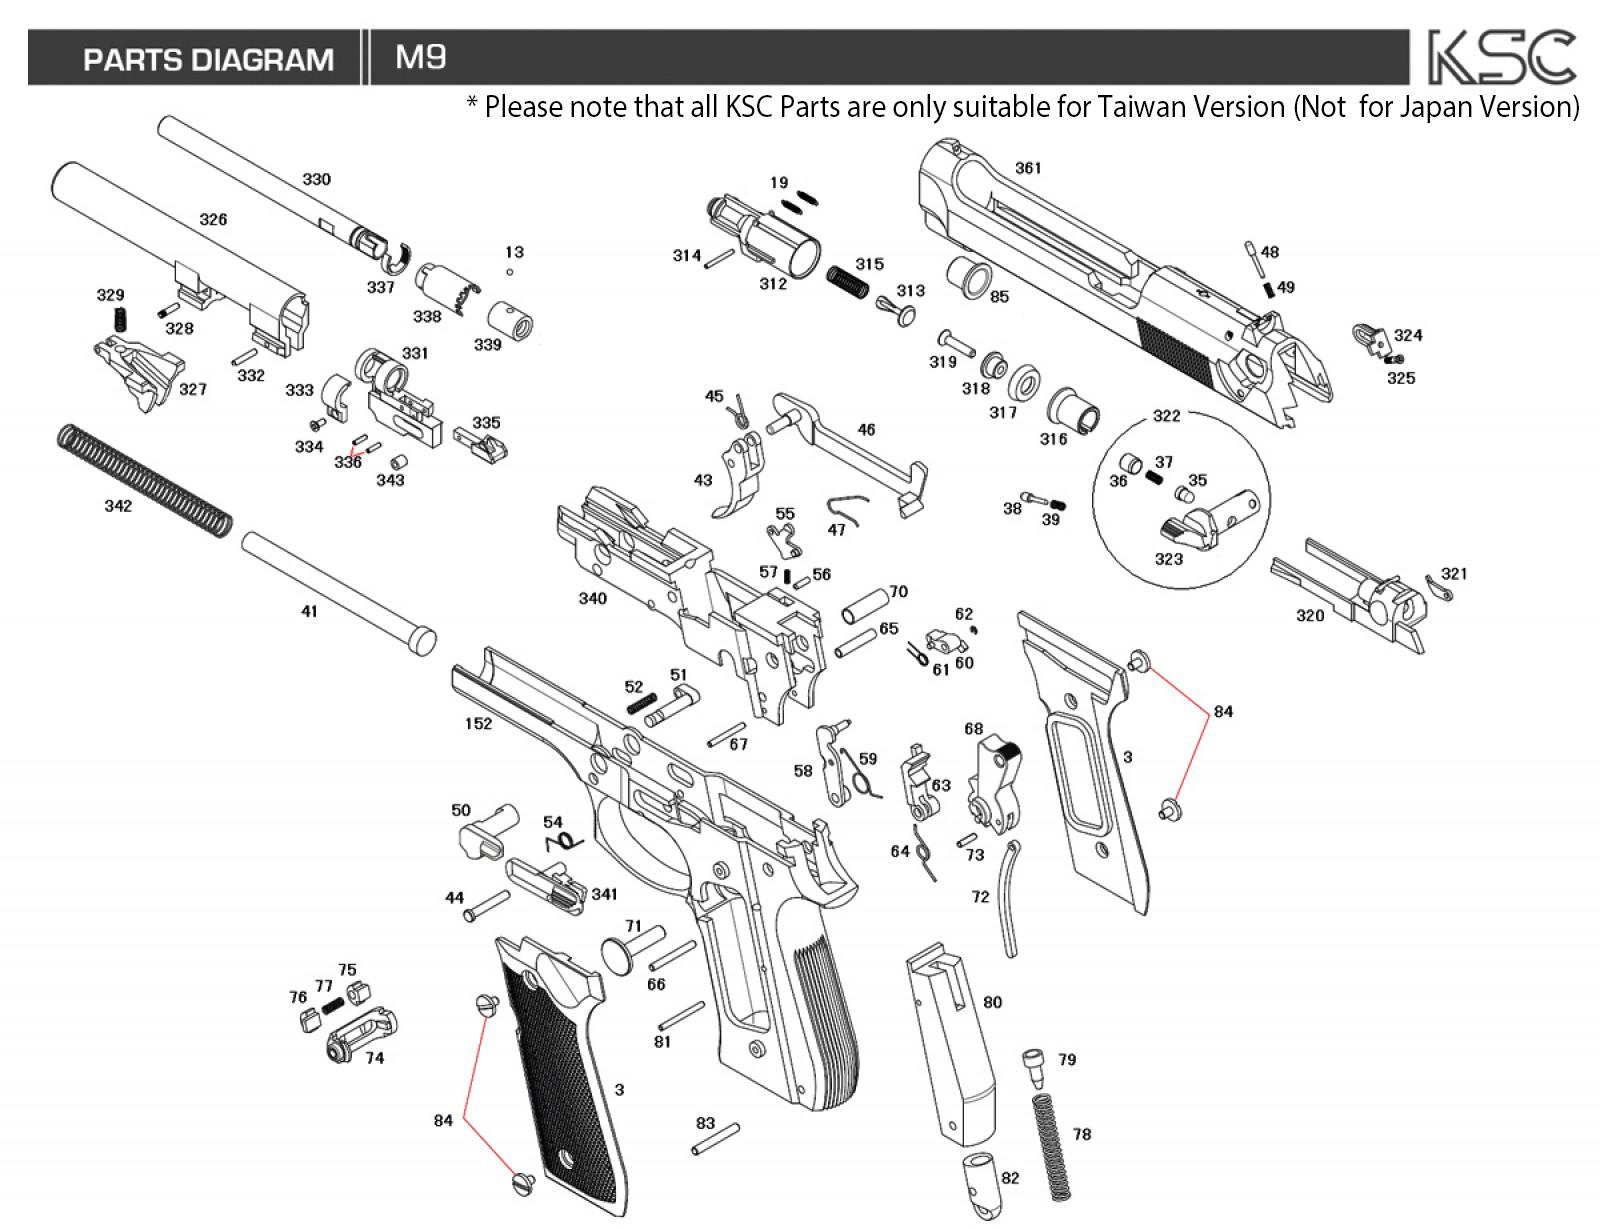 Ksc M9 Parts